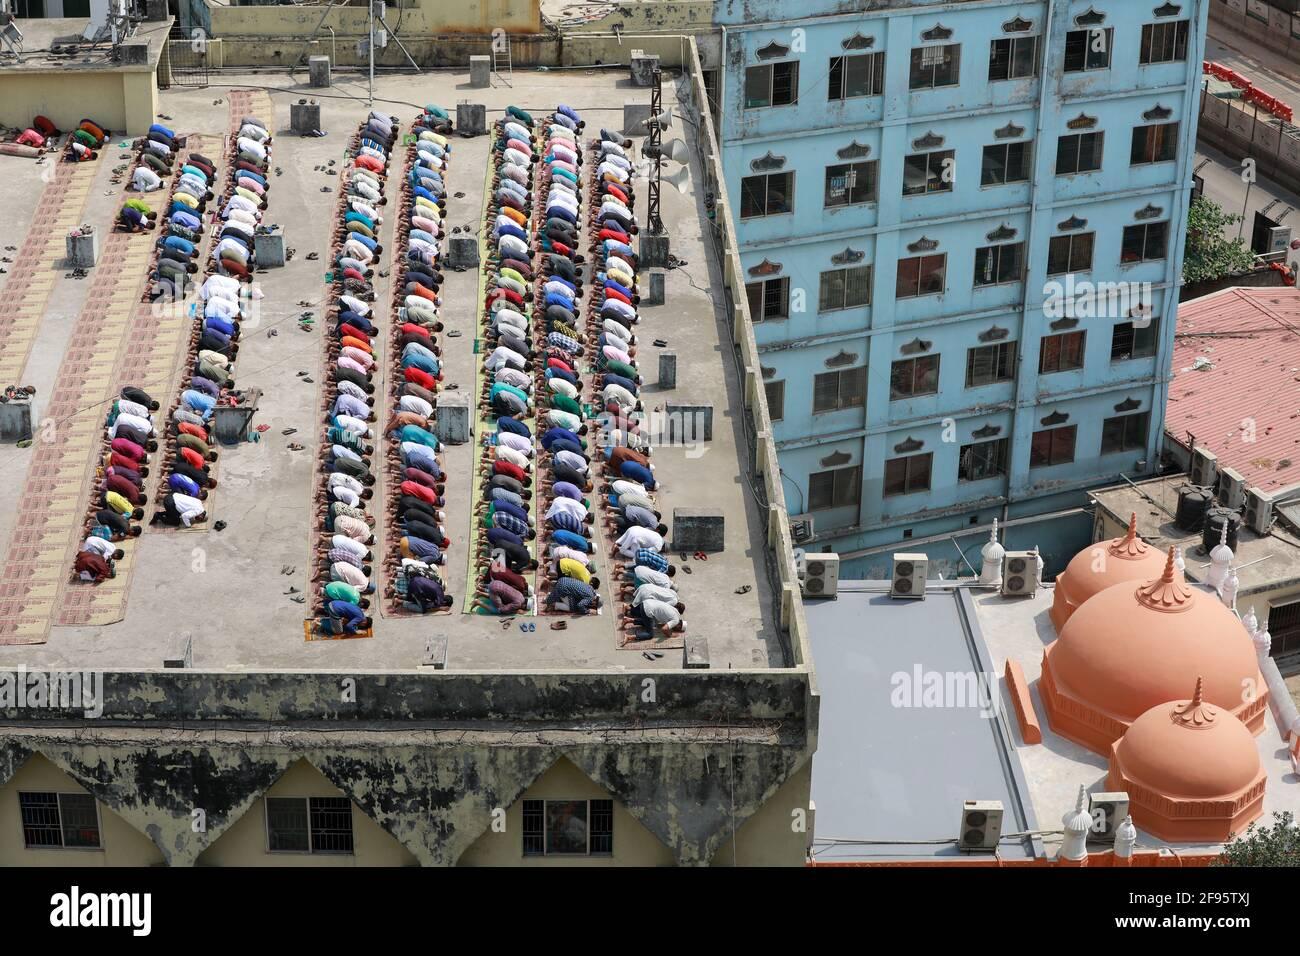 Dhaka, Bangladesh. 16th de Abr de 2021. La gente realiza la oración del viernes durante el mes santo del musulmán Ramadán, en Dhaka, Bangladesh, el 16 de abril de 2021. Bangladesh aplica restricciones sociales a gran escala que incluyen un protocolo estricto para celebrar la oración comunitaria, como usar mascarilla facial, proporcionar desinfectante, distanciamiento físico para prevenir la propagación de COVID-19. Crédito: Suvra Kanti Das/ZUMA Wire/Alamy Live News Foto de stock